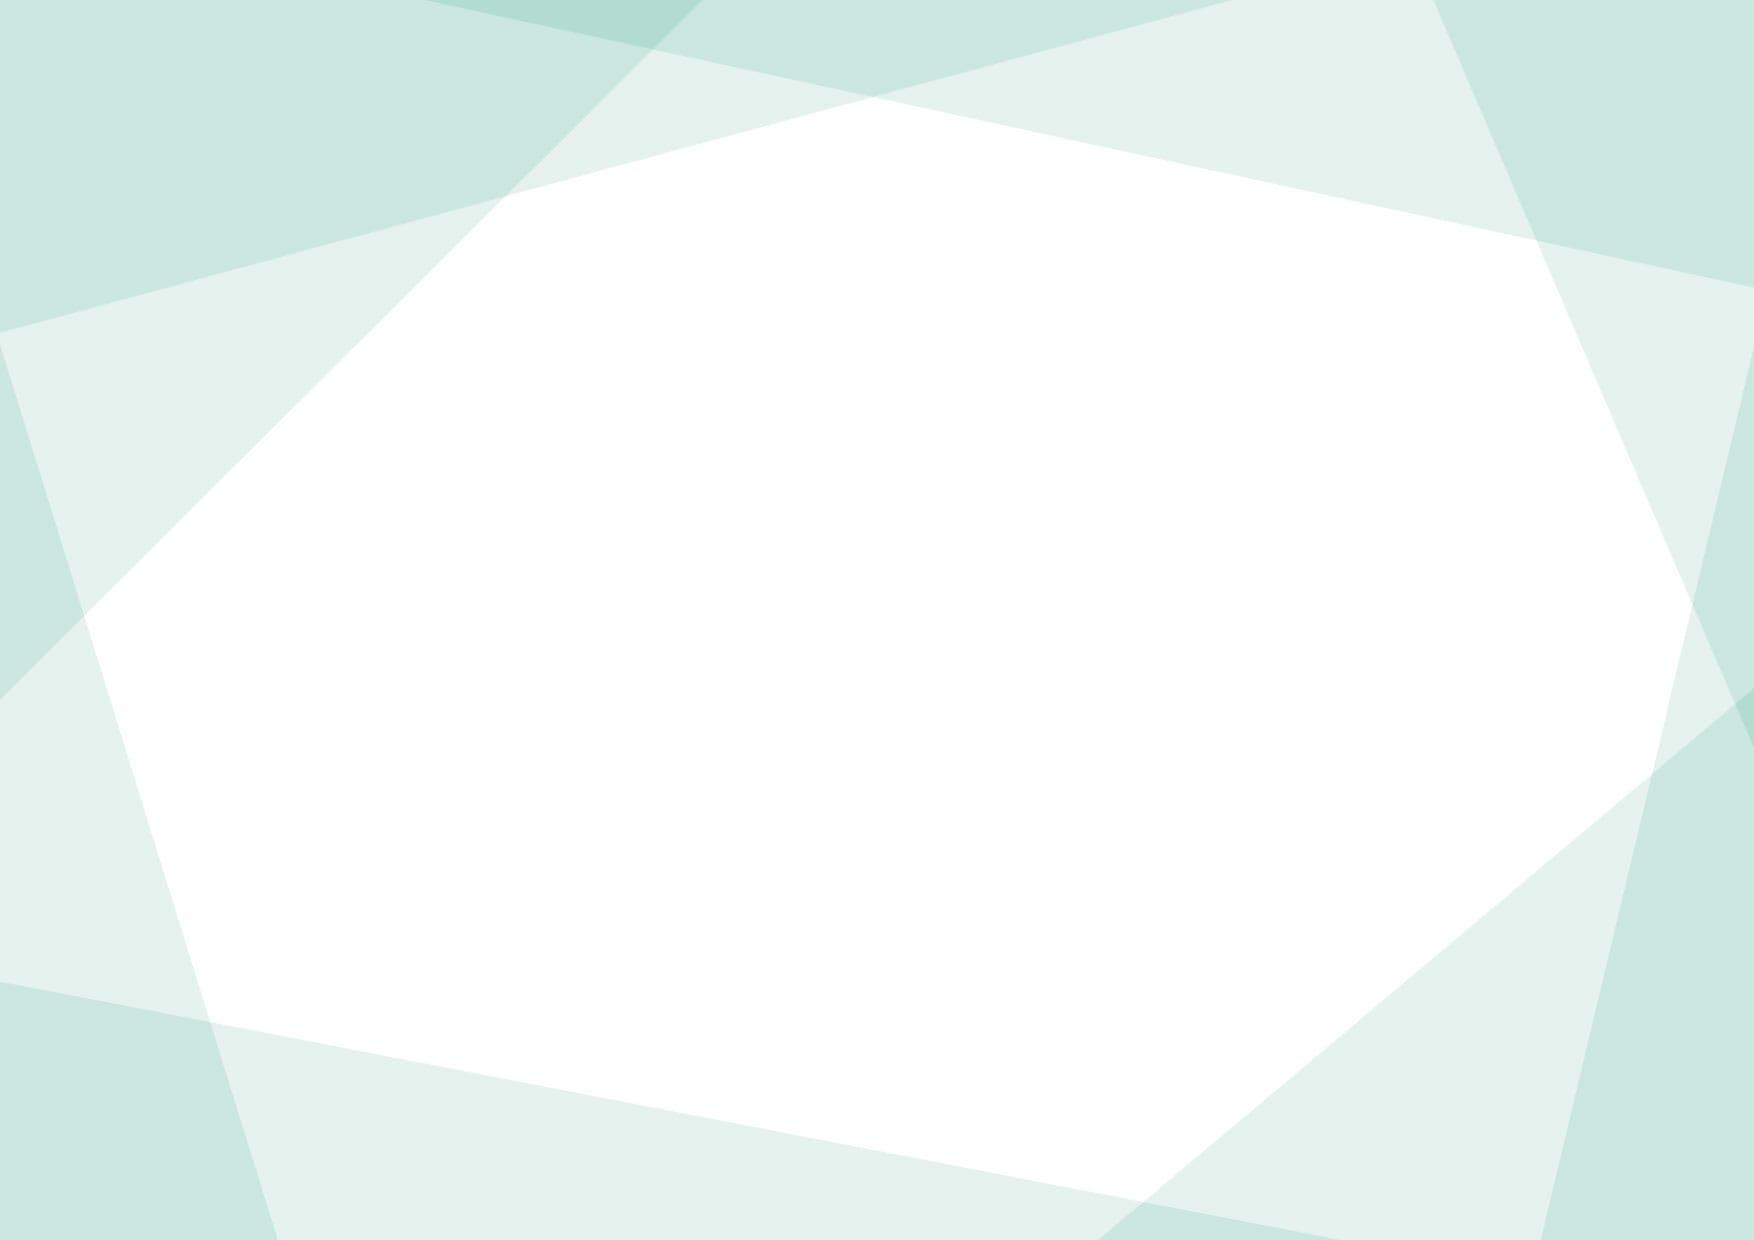 可愛いイラスト無料|背景 シンプル フレーム 緑色 − free illustration  Background simple frame green